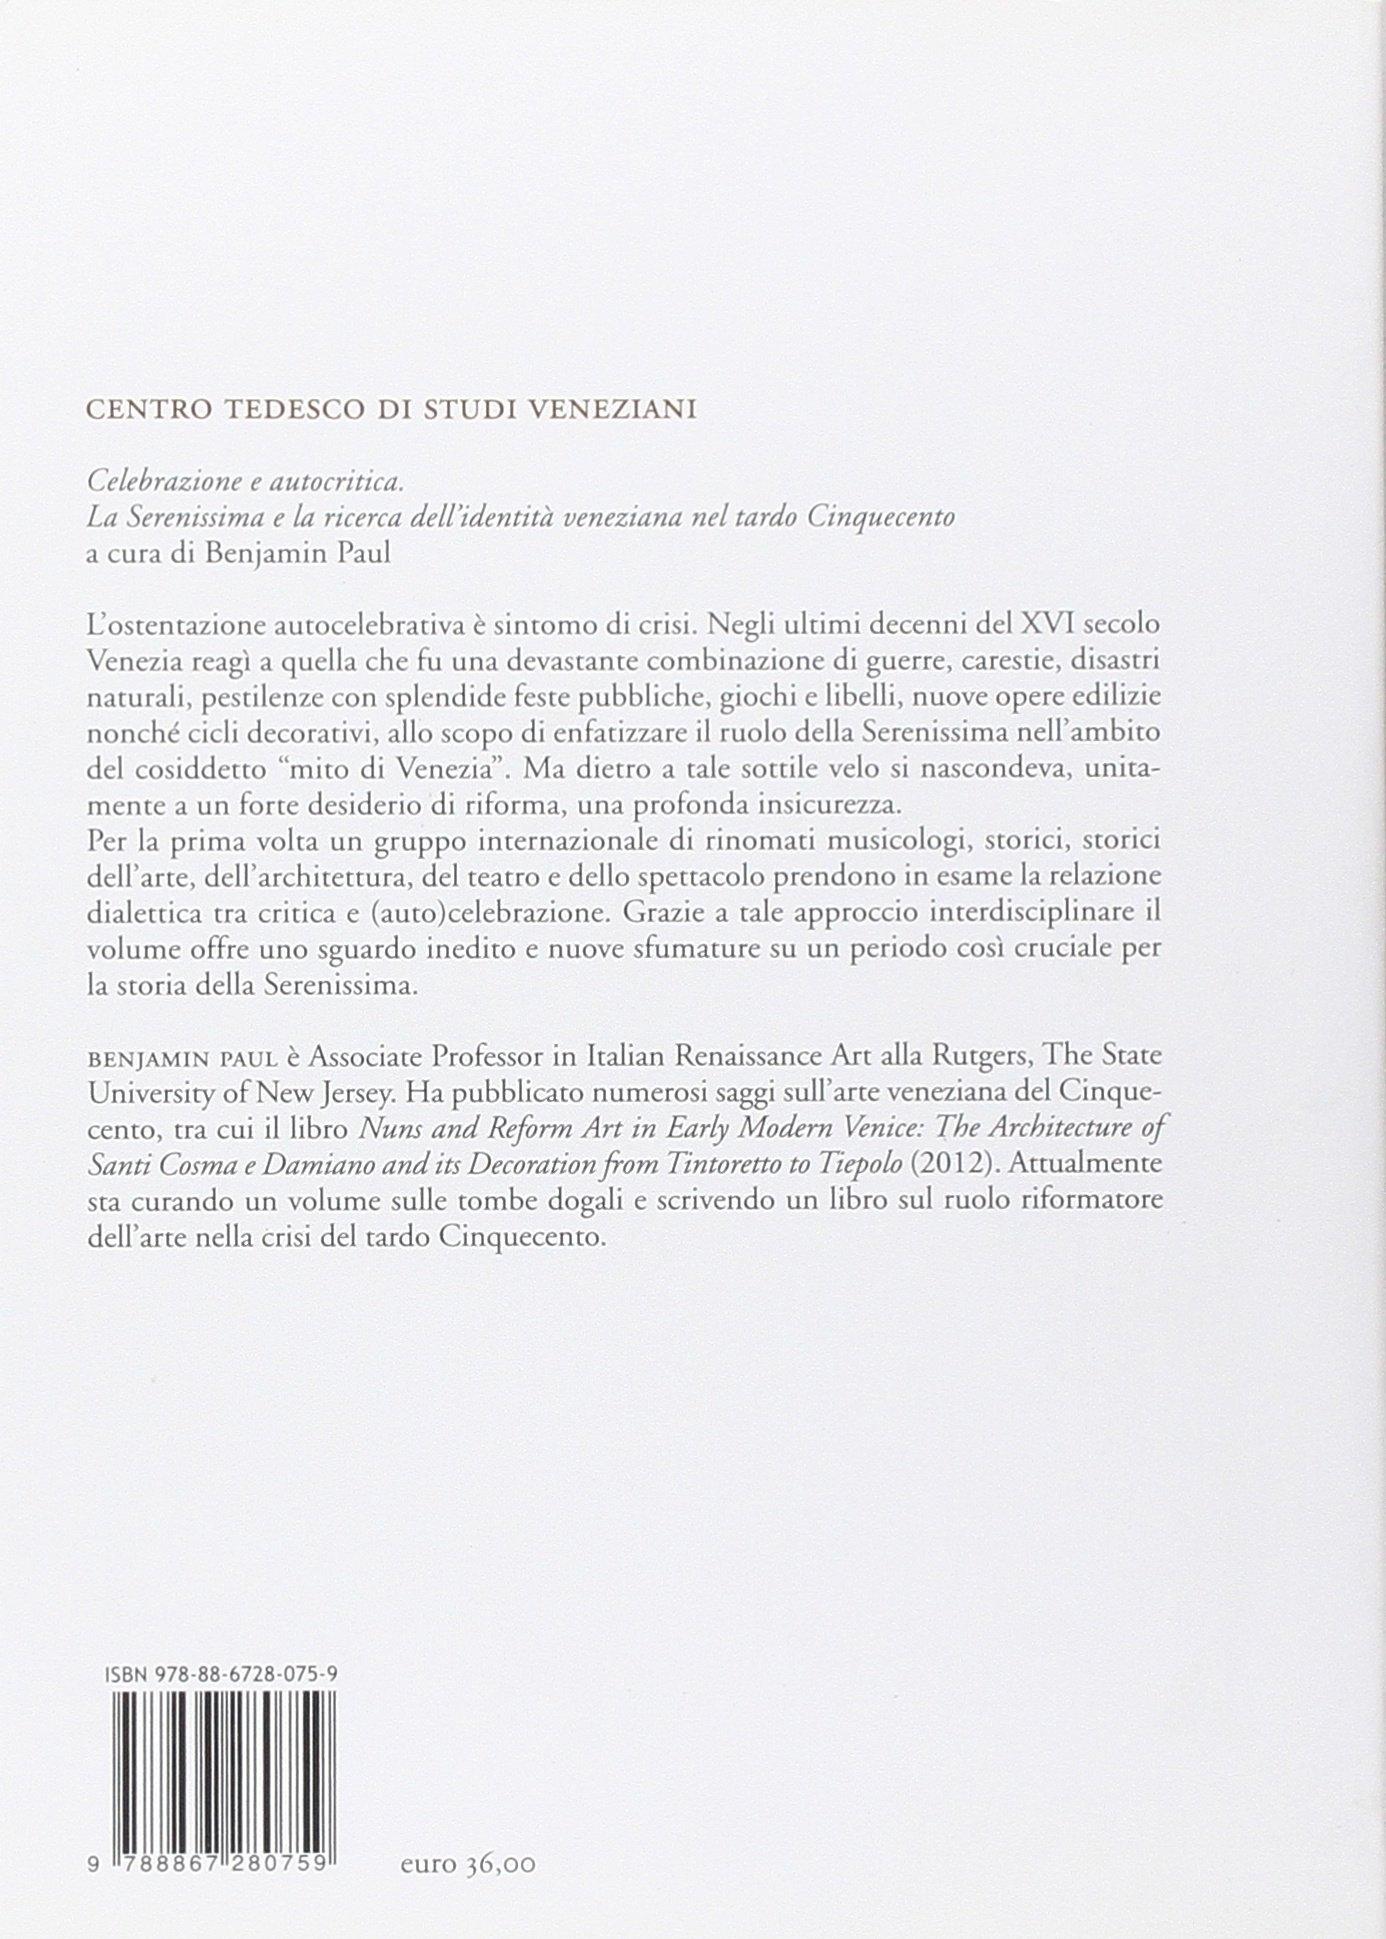 Celebrazione e autocritica. La Serenissima e la ricerca dell'identità veneziana nel tardo cinquecento.